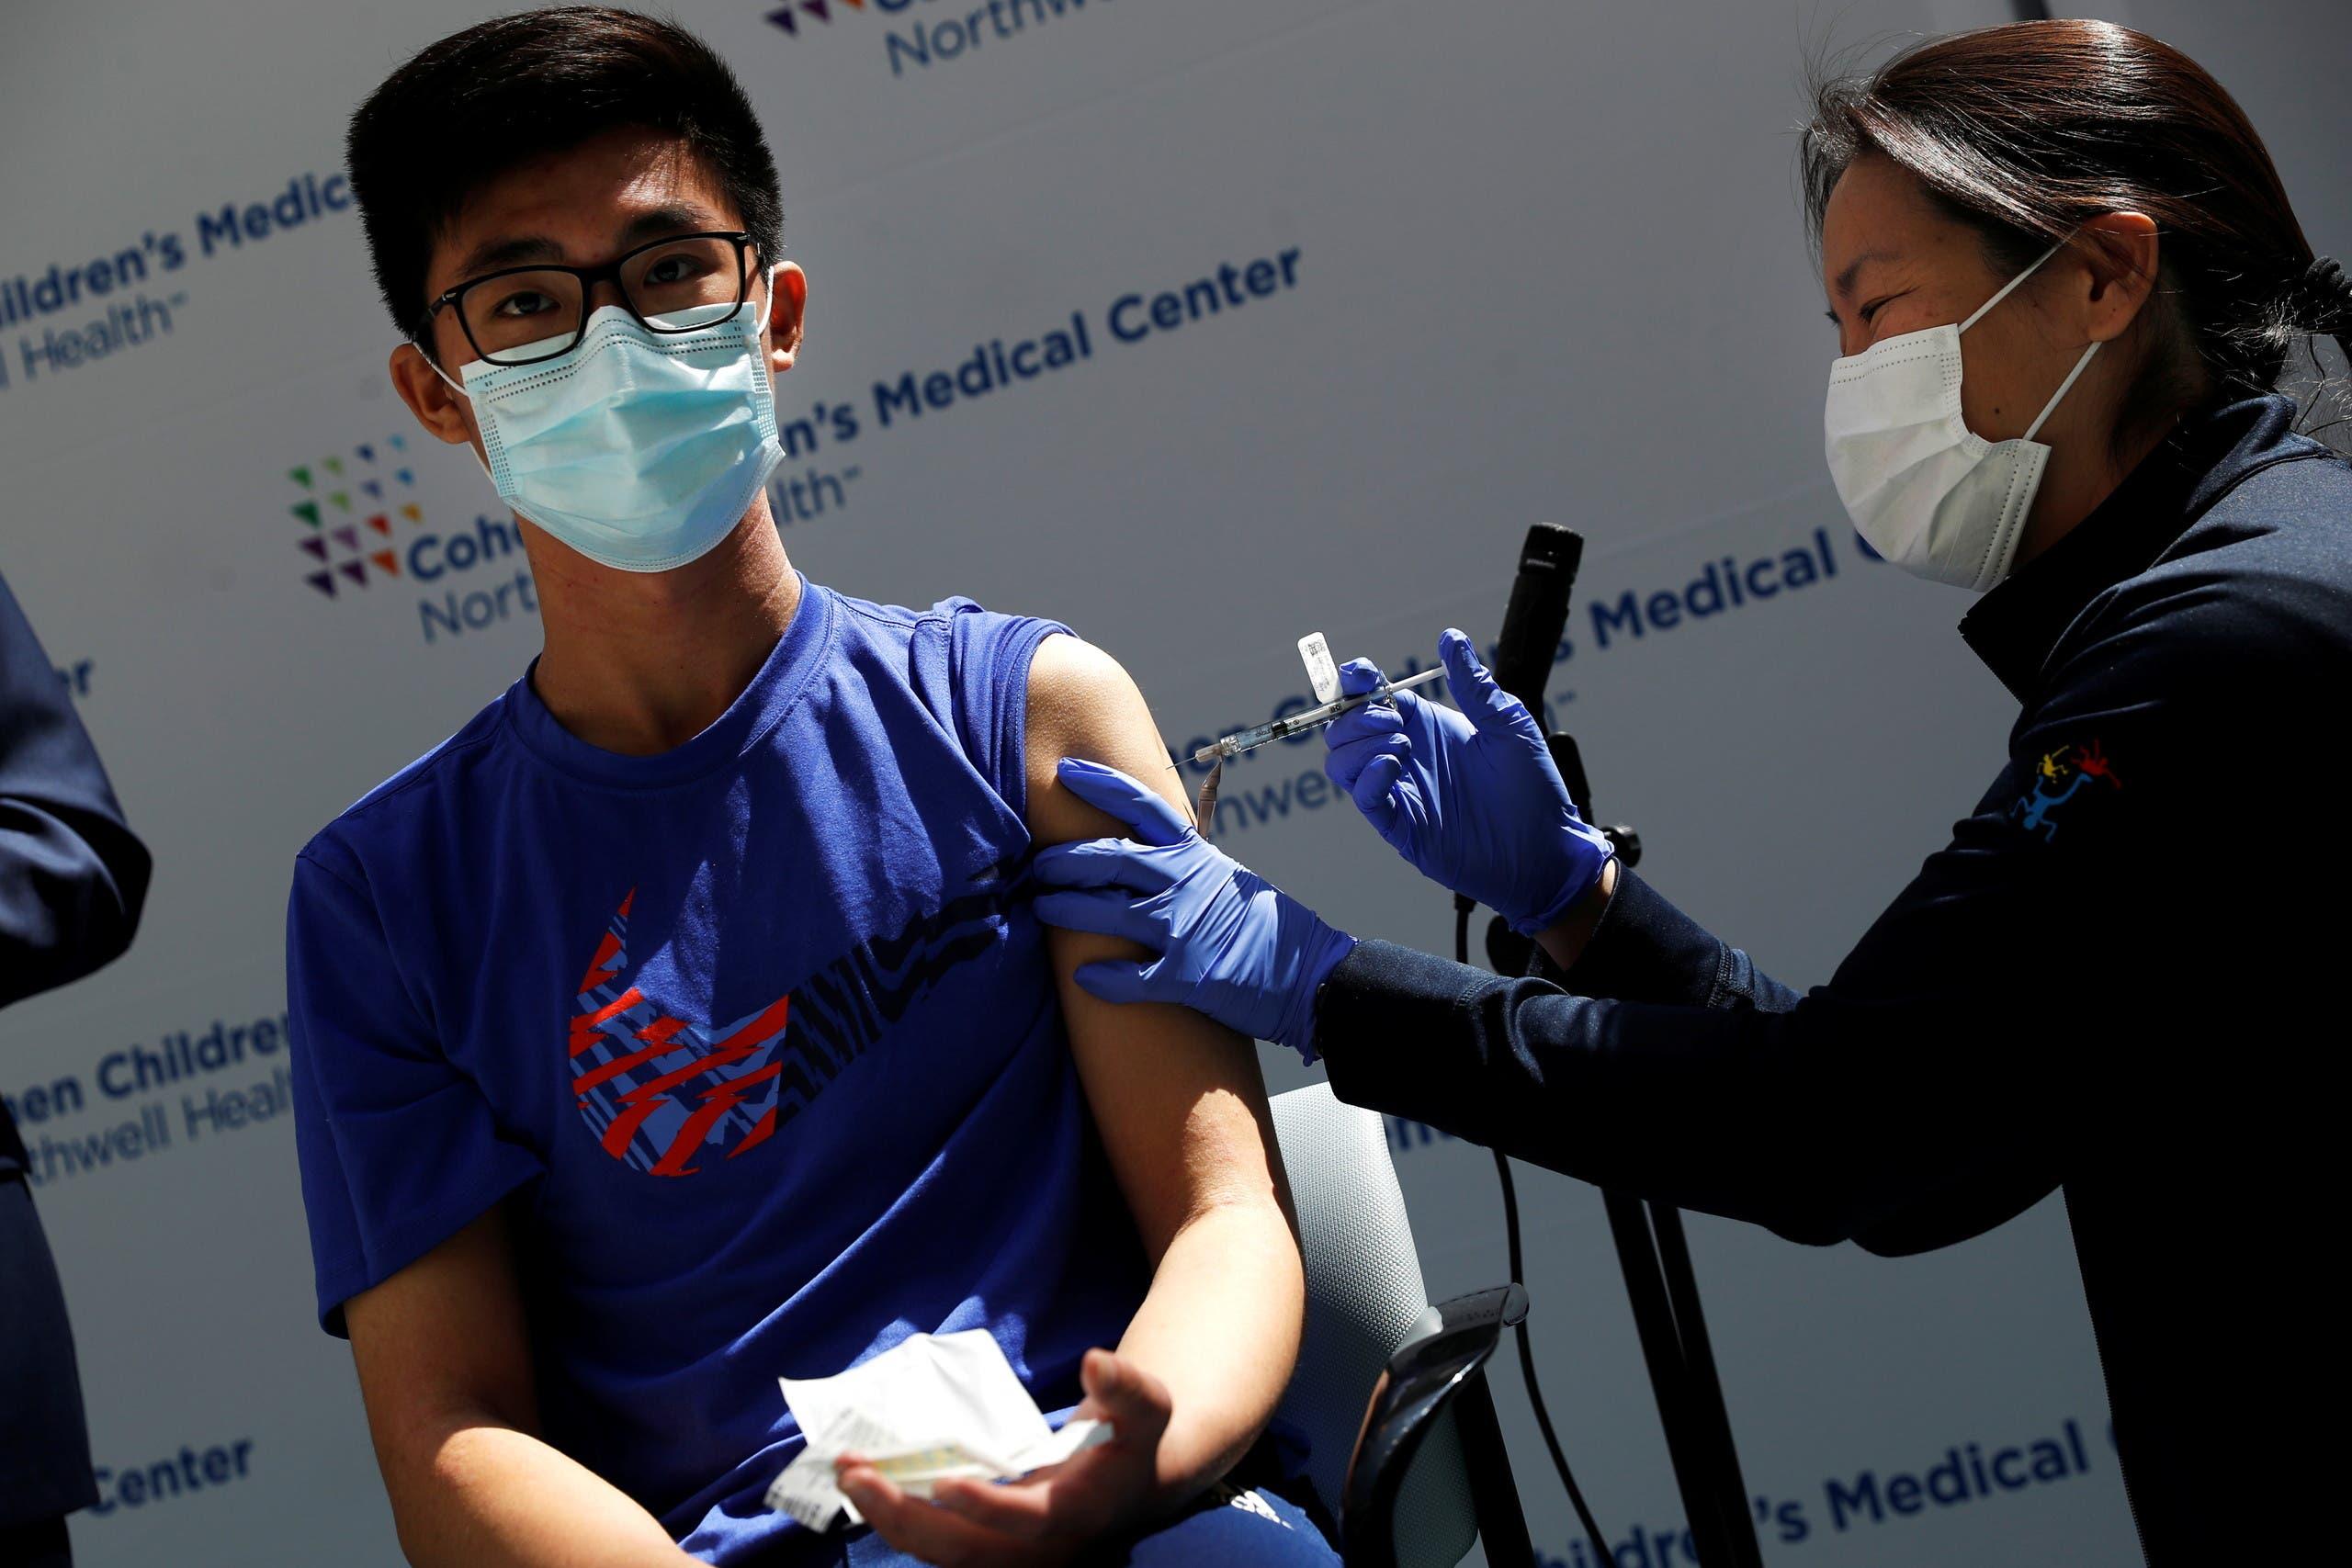 طفل في الـ15 من العمر يتلقى اللقاح ضد كورونا في نيويورك